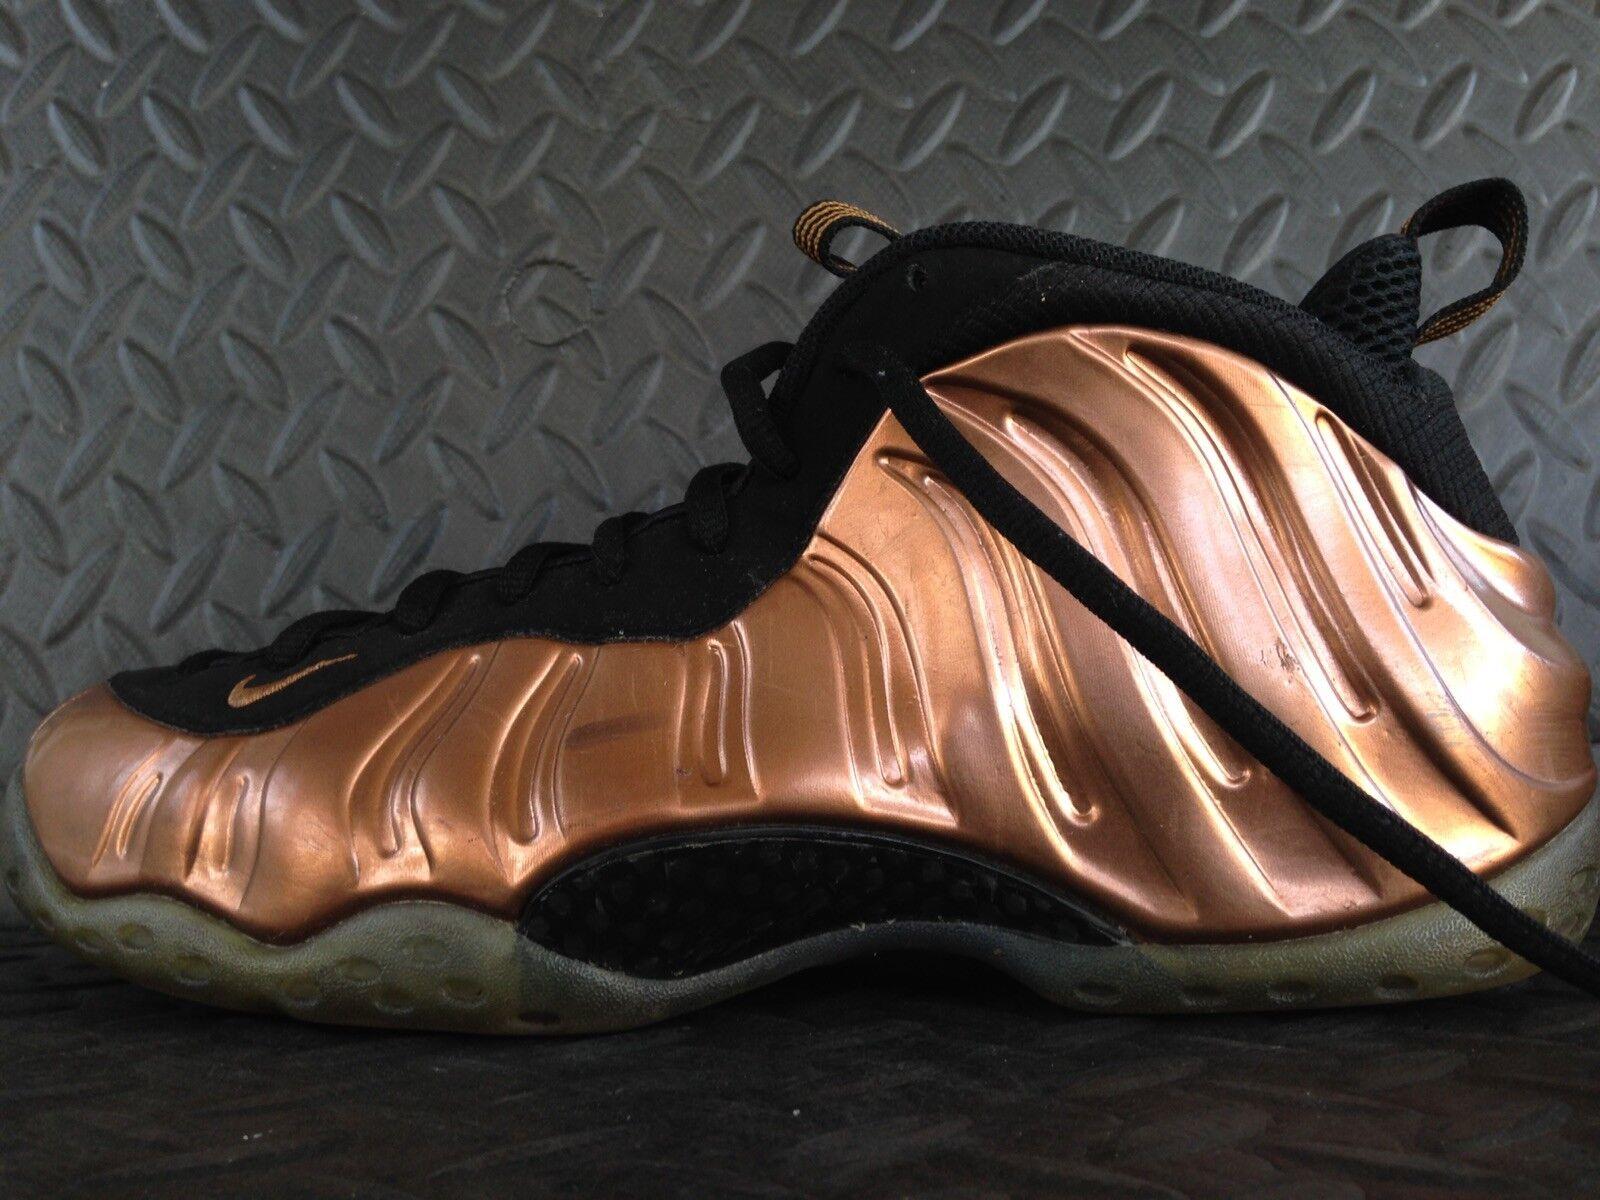 Nike Foamposite Copper 11.5 Size 18b04wbtr9117 shoes